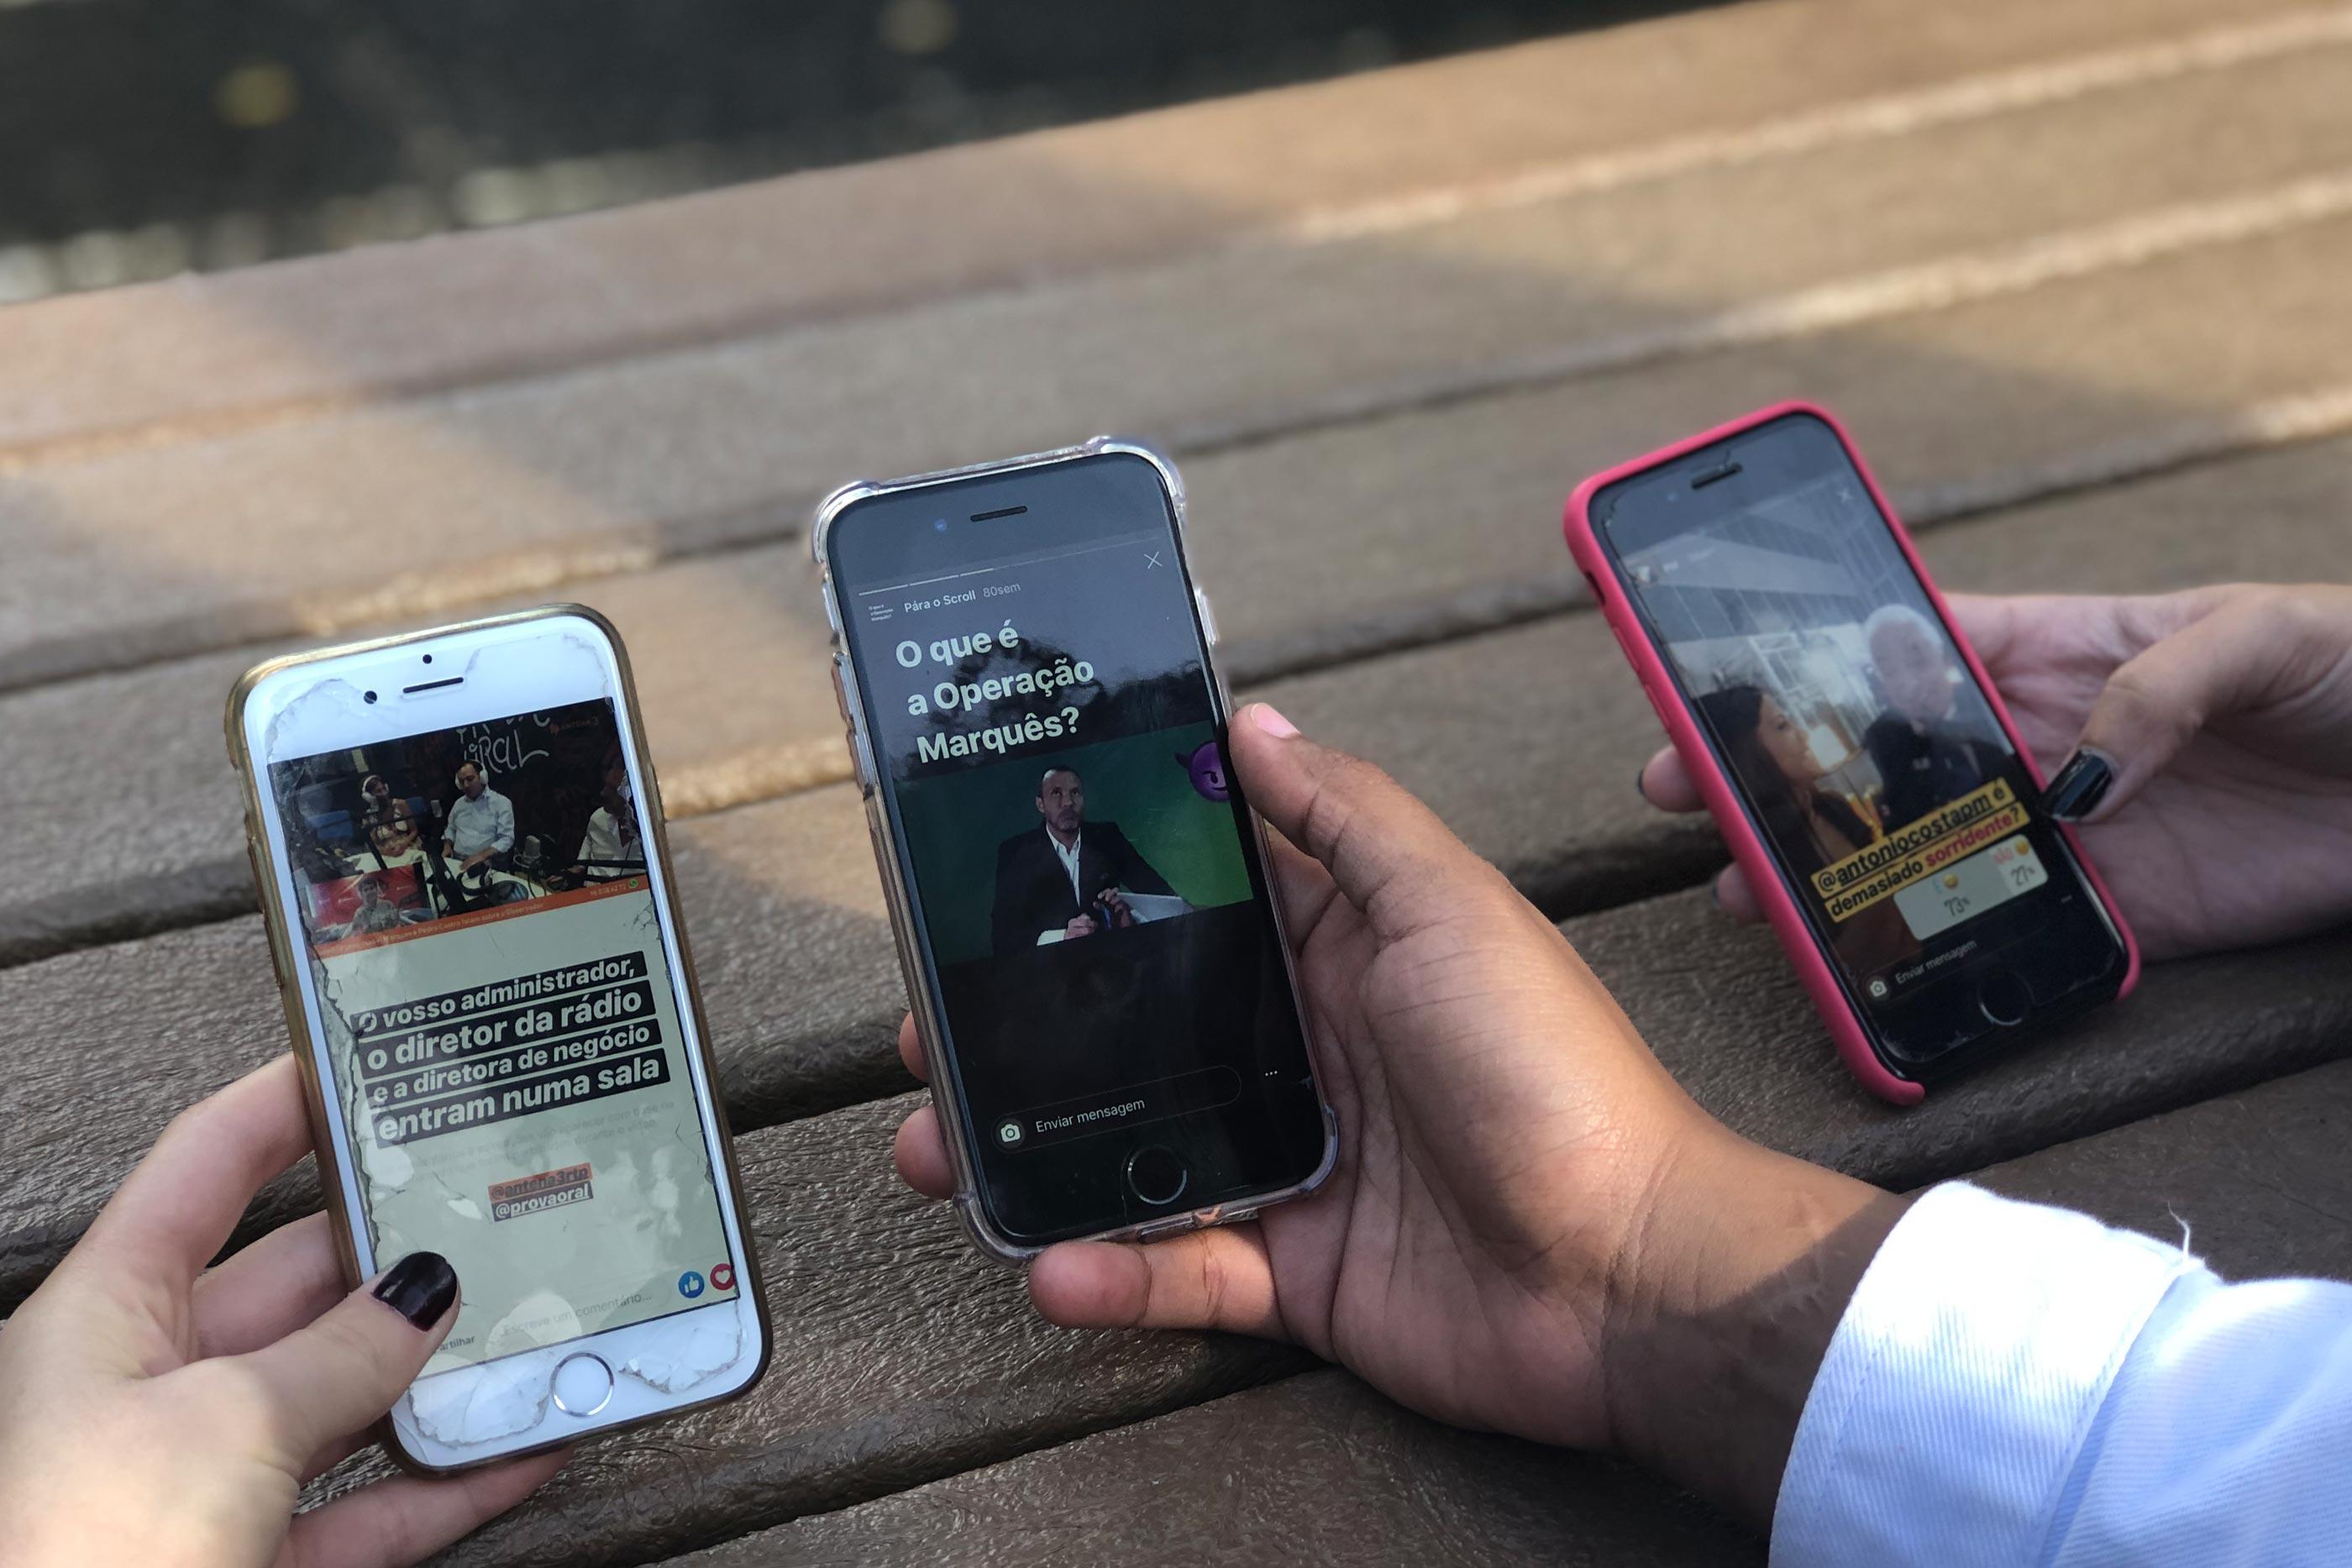 Em três ecrãs, três utilizadores vêm stories produzidos por Diana Duarte.